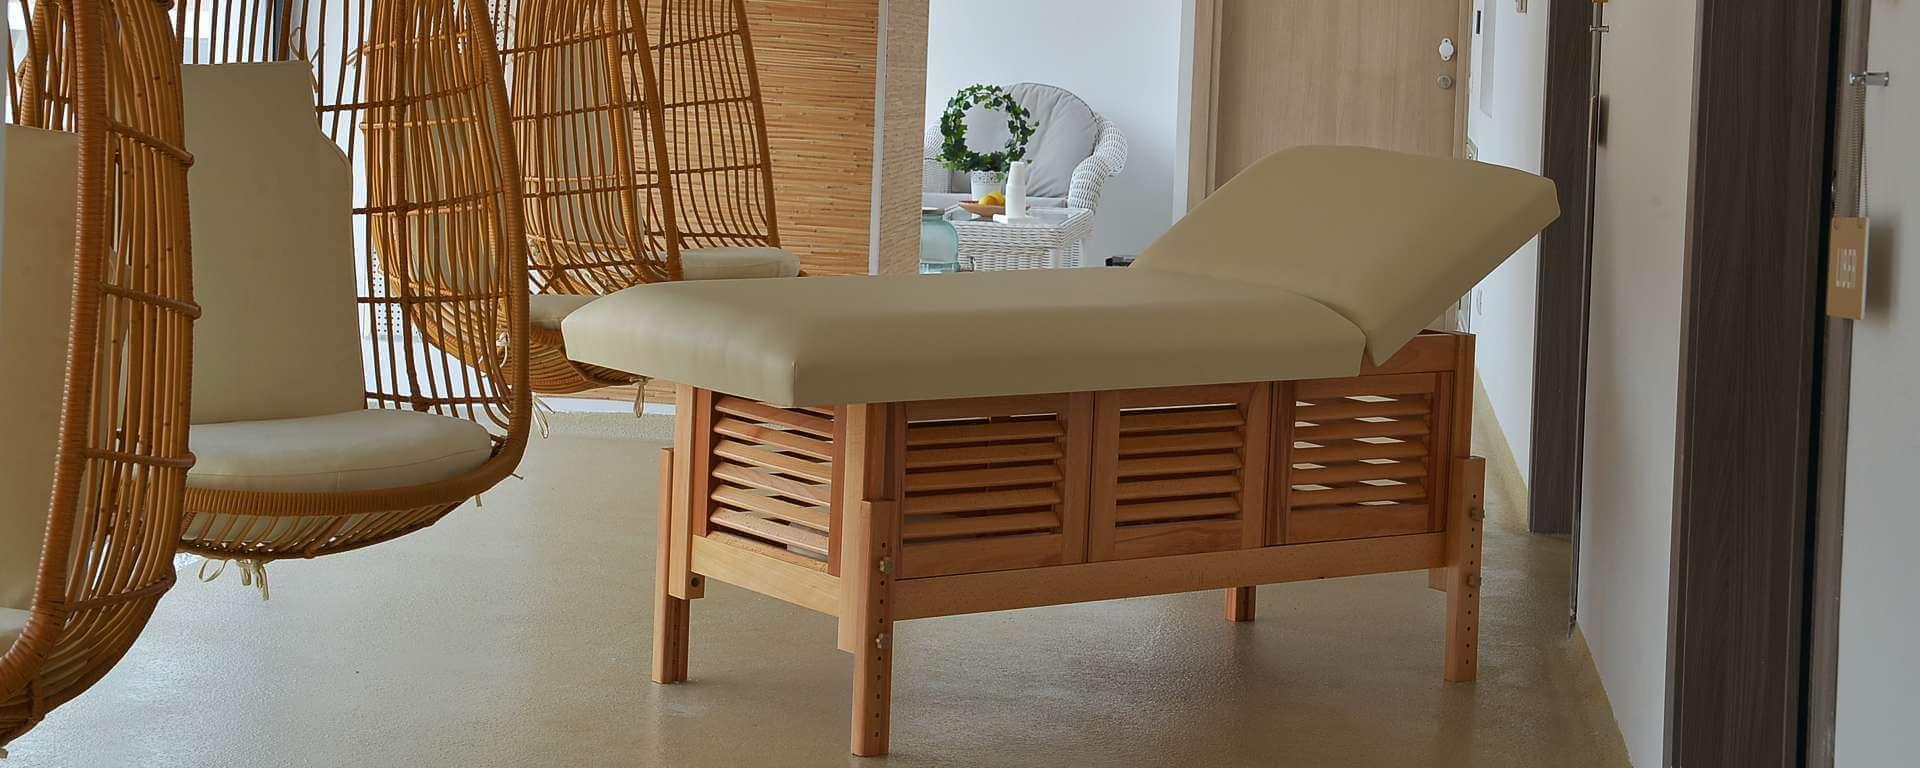 Masă de masaj staționară, model Laguna, de la BIOS, pernă două secțiuni, tapițerie galben-piersică, finisaj lemn natur